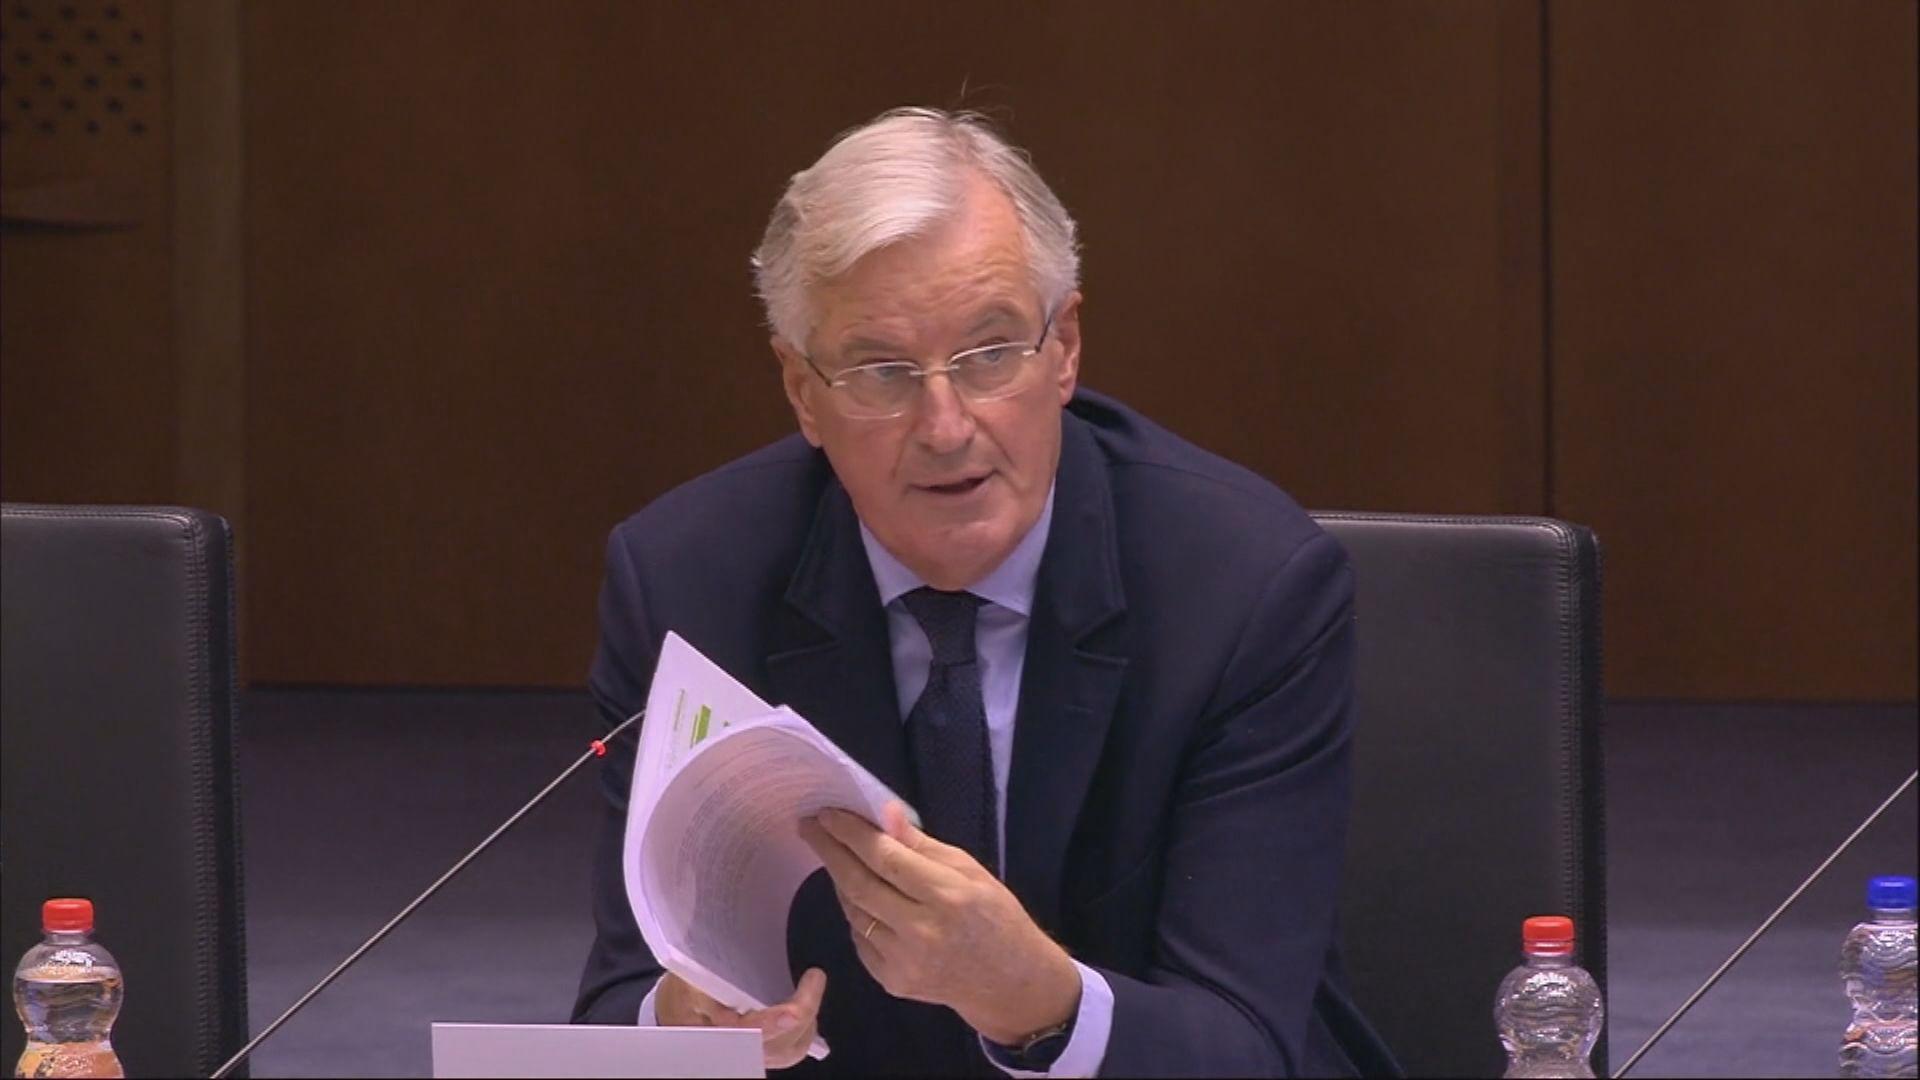 歐盟談判代表指英國脫歐協議近在眼前